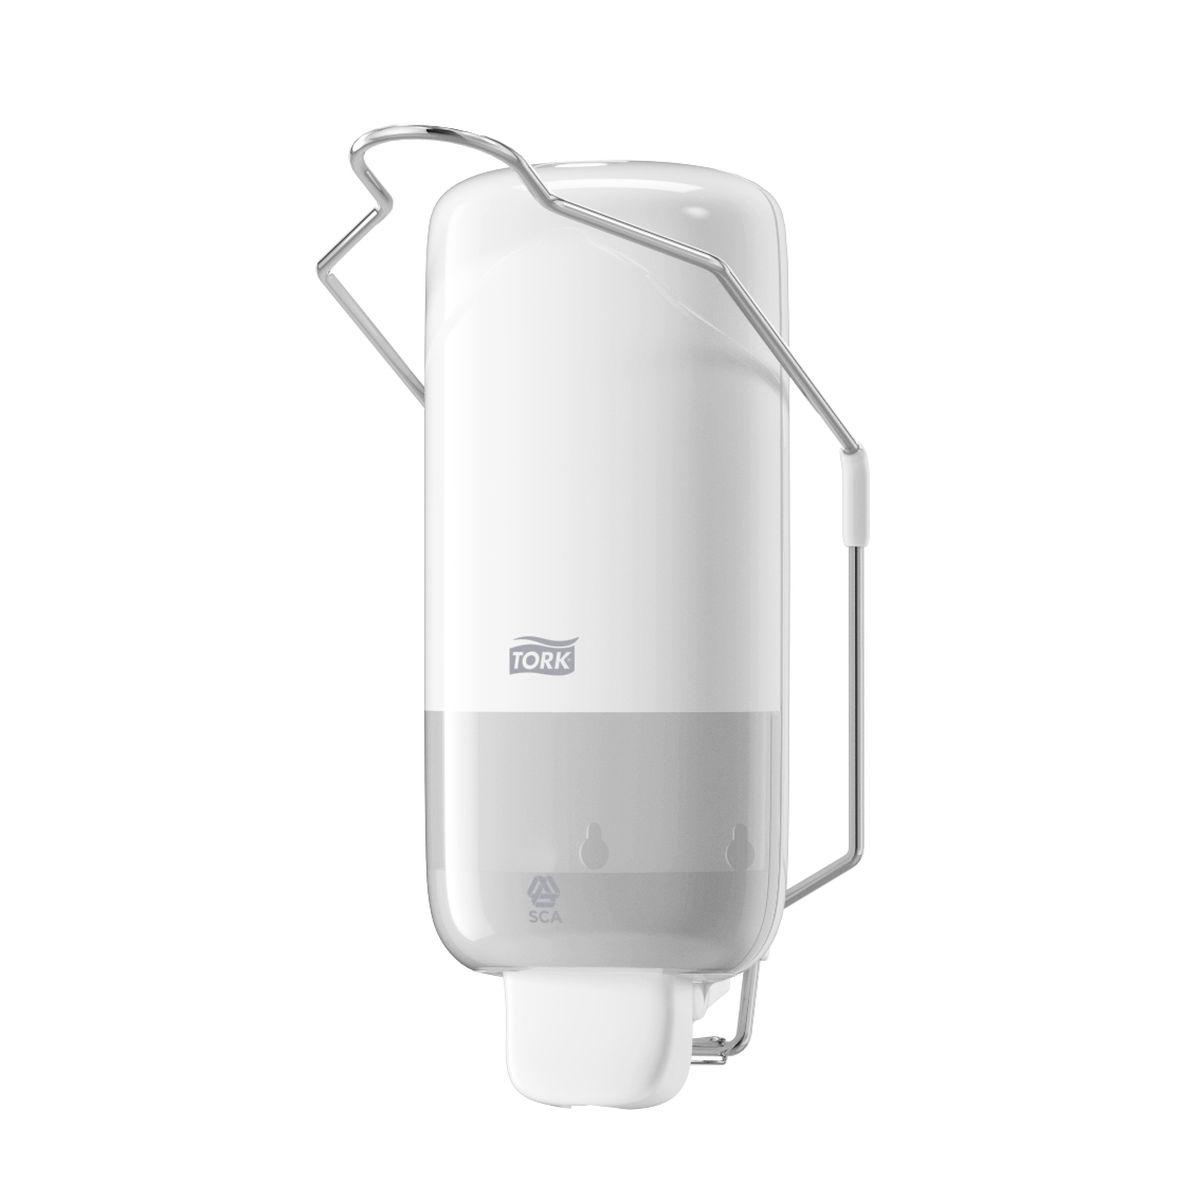 Диспенсер для мыла Tork, цвет: белый. 560100560100Диспенсер с локтевым приводом для мыла Tork Elevation идеально подходит для мест с повышенными гигиеническими требованиями, например, медицинских центров, больниц, лабораторий и пр. Локтевой привод - для помещений с повышенными гигиеническими требованиями. Надежная система подачи мыла - экономичный расход, исключает протекание. Ударопрочный пластик - отвечает всем требованиям гигиены. 1000 порций мыла.